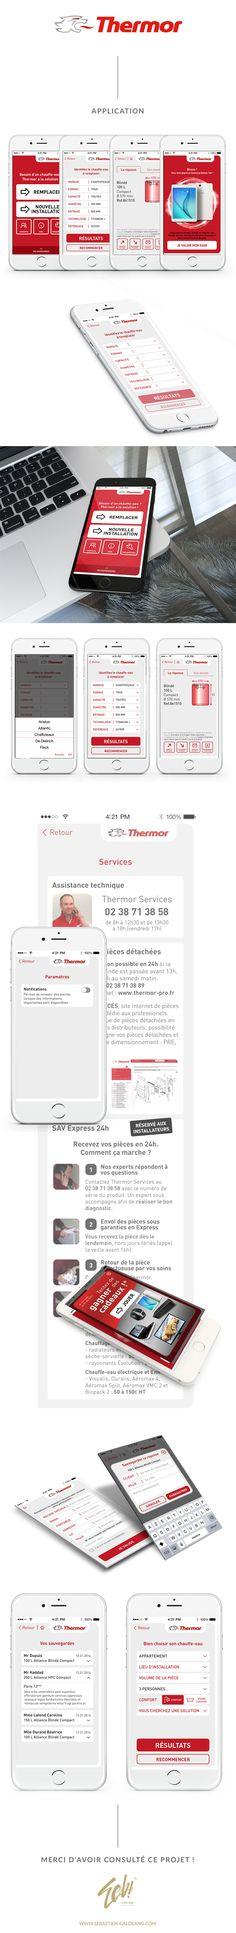 Thermor avait déjà une application iPhone mais avec cette refonte, nous avons revu le style, la charte et sont somme allé bien plus loin dans la navigation, l'ergonomie et la facilité d'utilisation.  http://www.sebastien-galdeano.com/portfolio/2-Mobile/27-Application_iPhone/470-Thermor.html